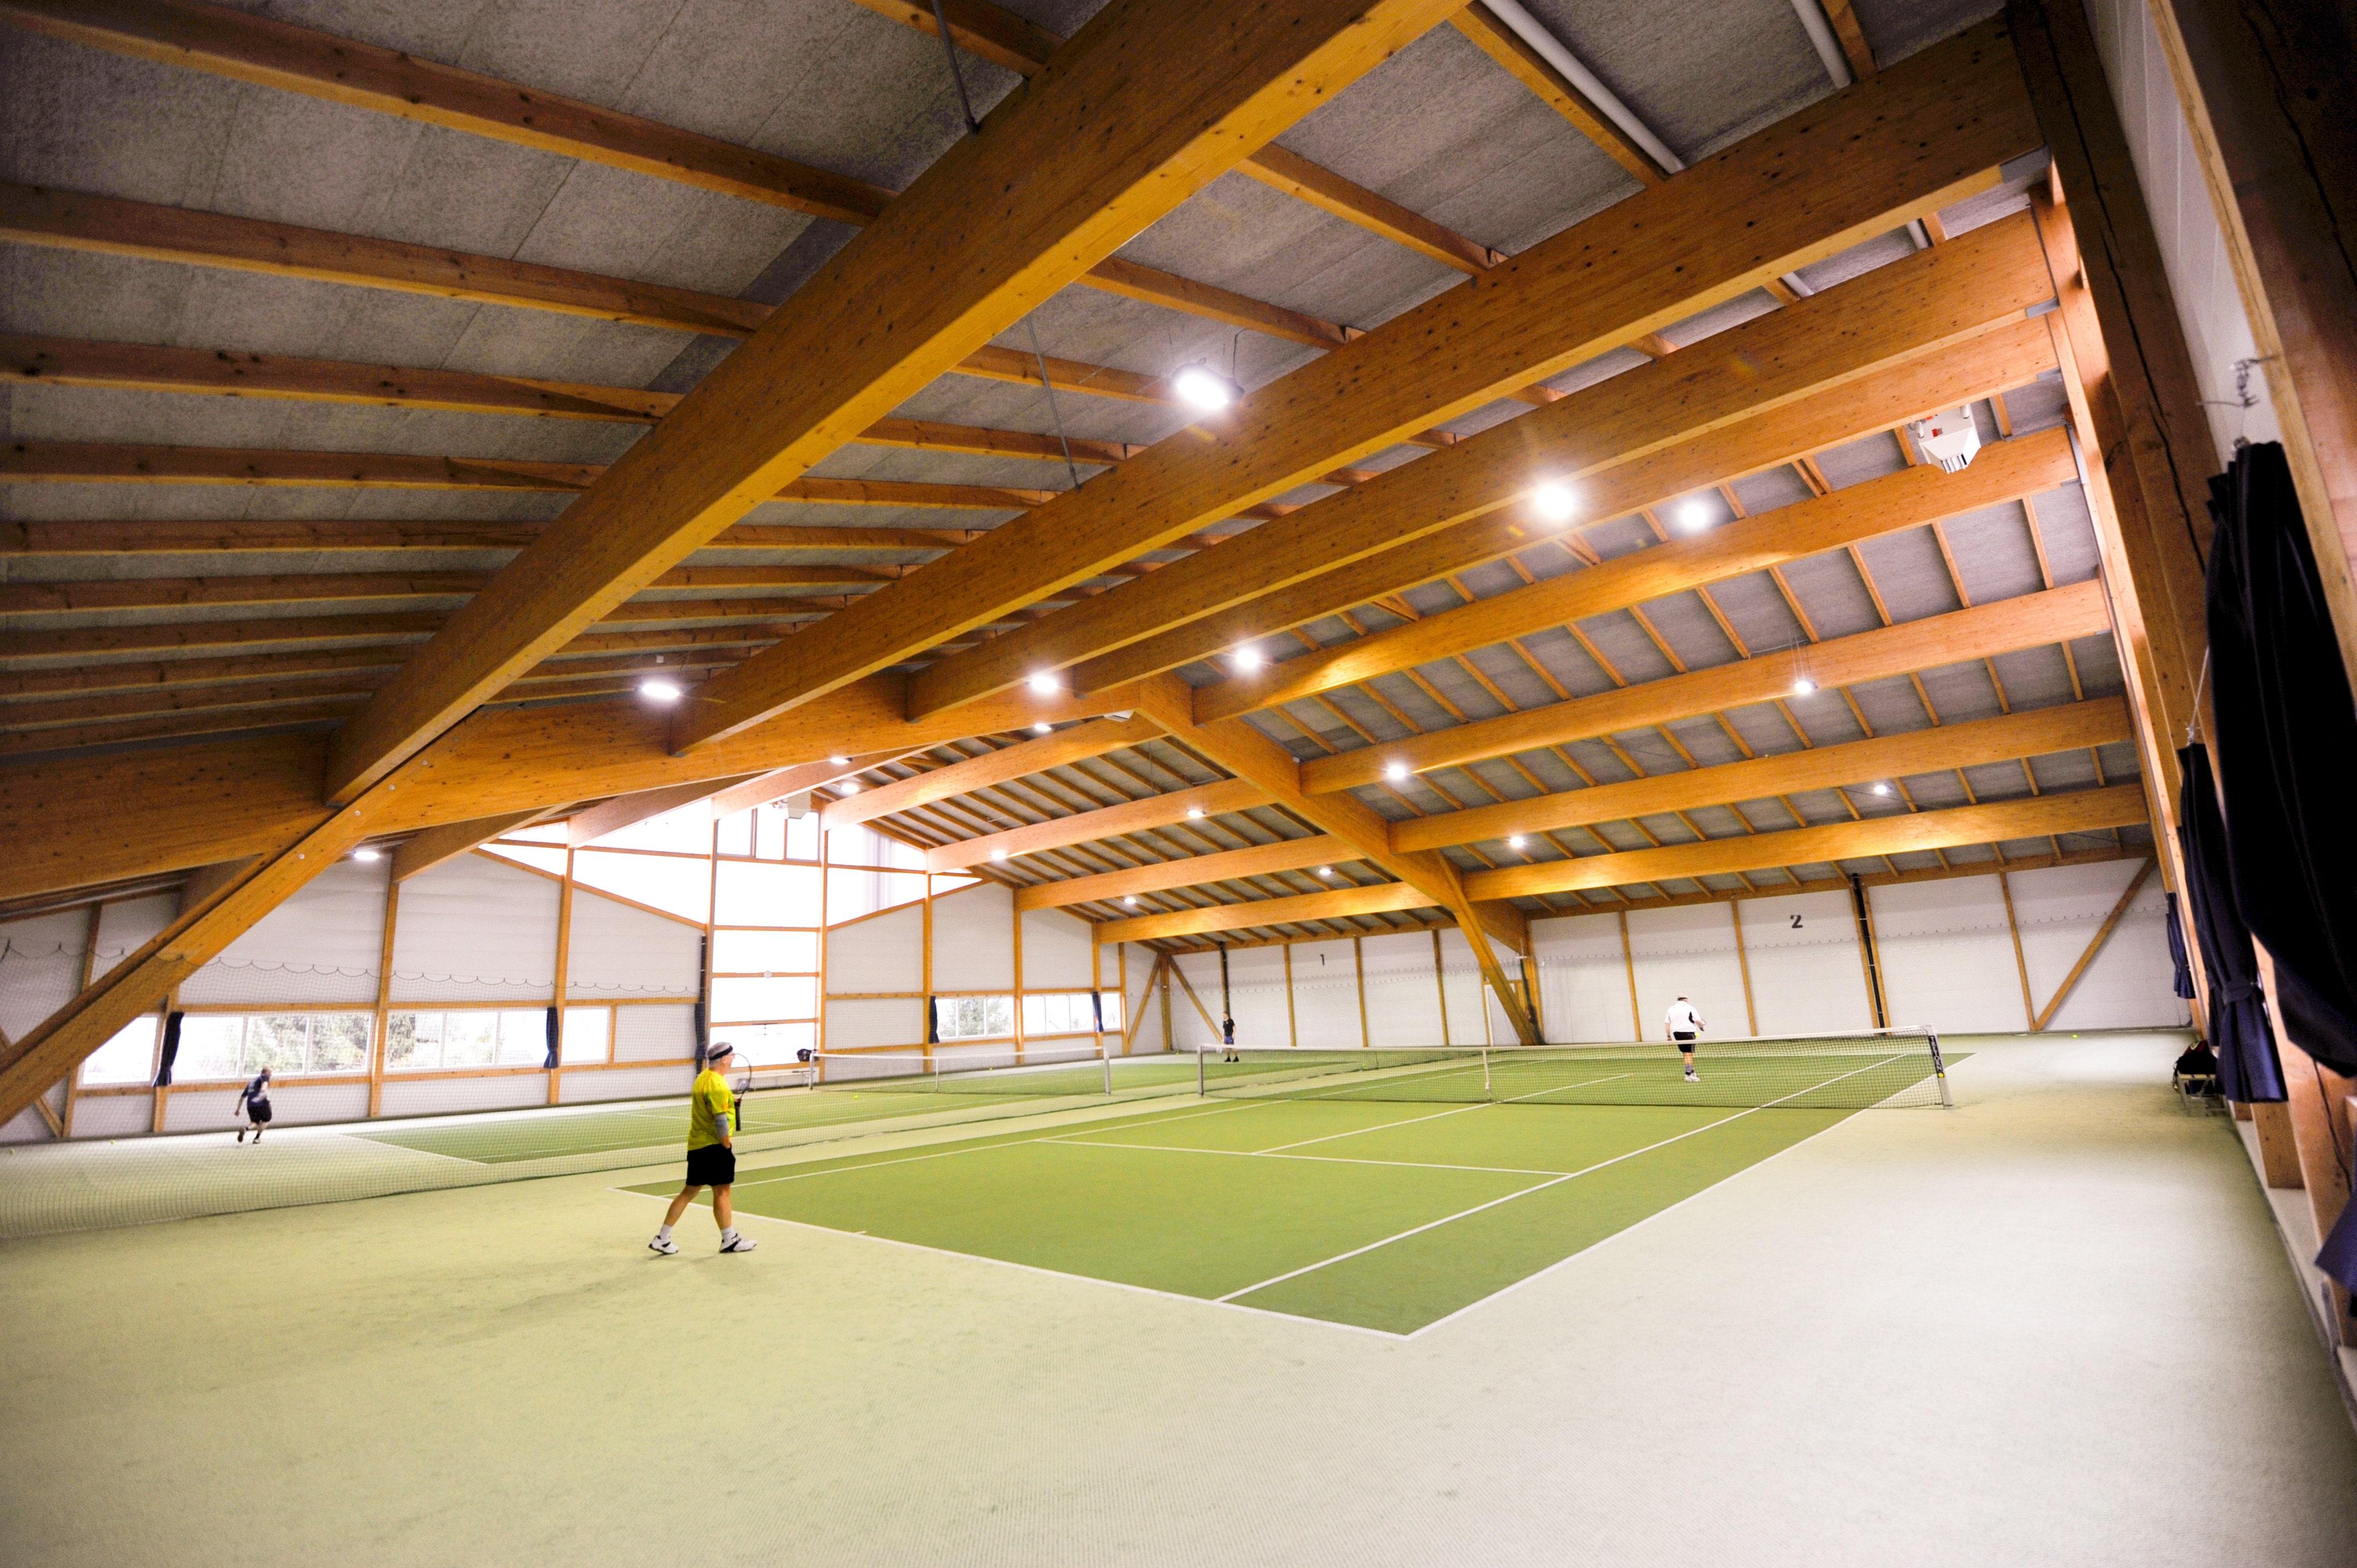 Bild der Tennishalle im Sportcenter Tellimat